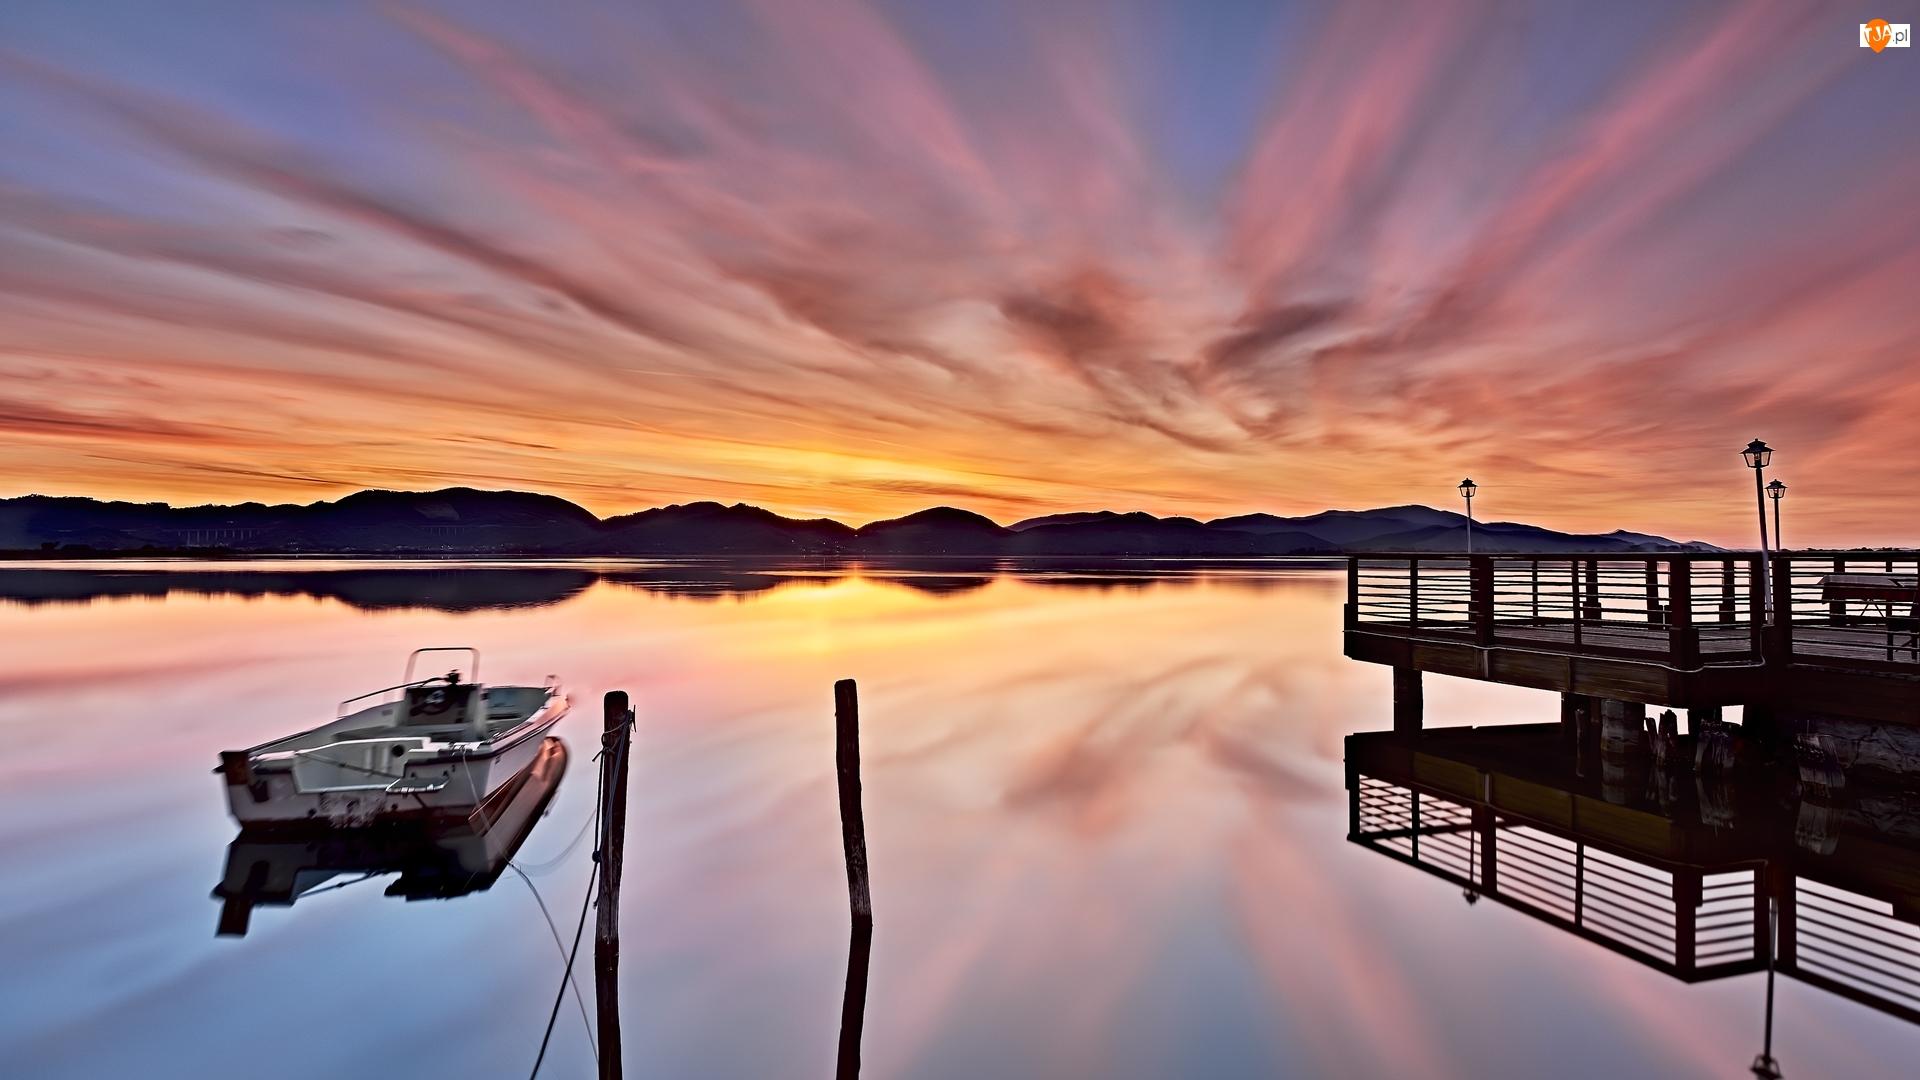 Motorówka, Zachód słońca, Molo, Jezioro, Wzgórza